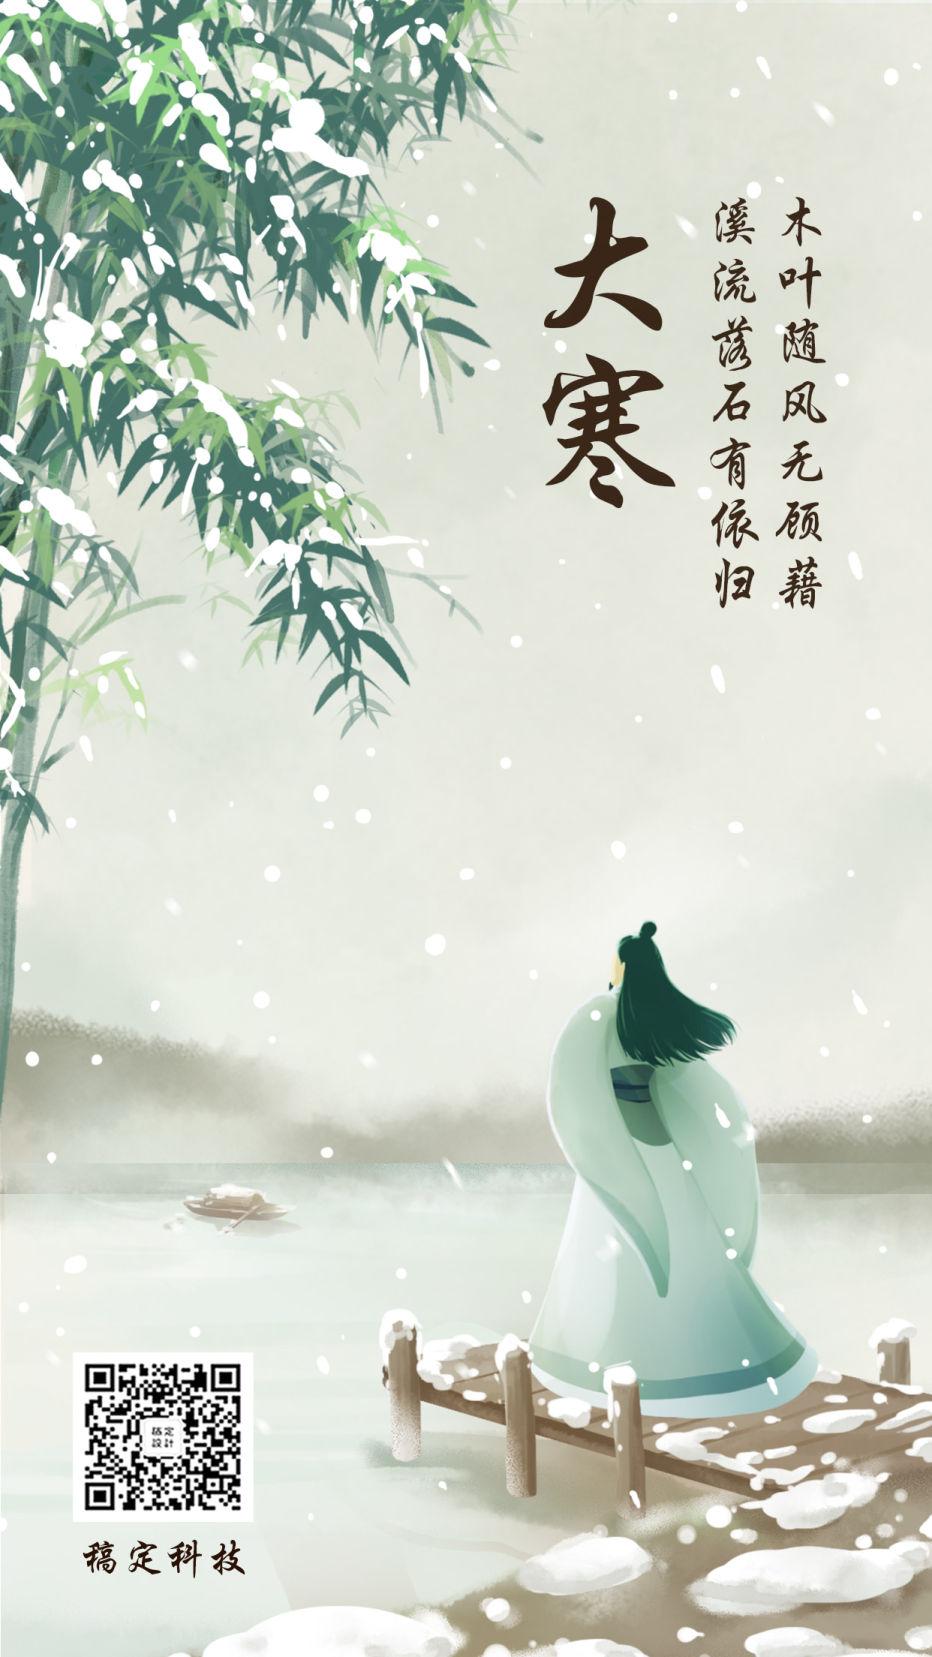 二十四节气大寒中国风插画手机海报